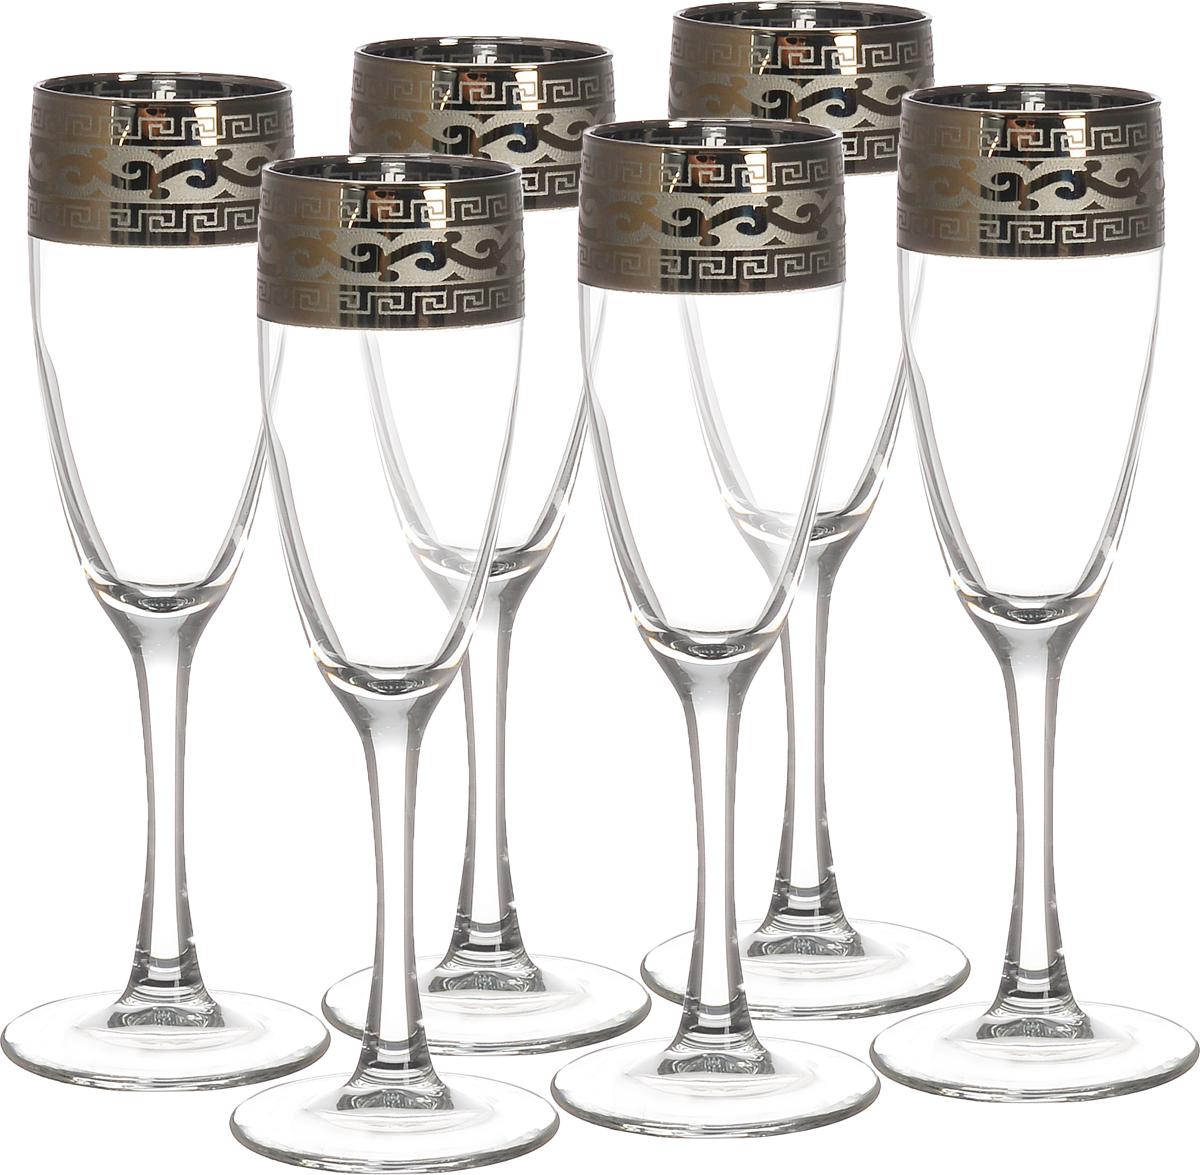 Набор бокалов Гусь-Хрустальный Версаче, 170 мл, 6 шт набор 6 бокалов юнона с рисунком версаче 210 мл